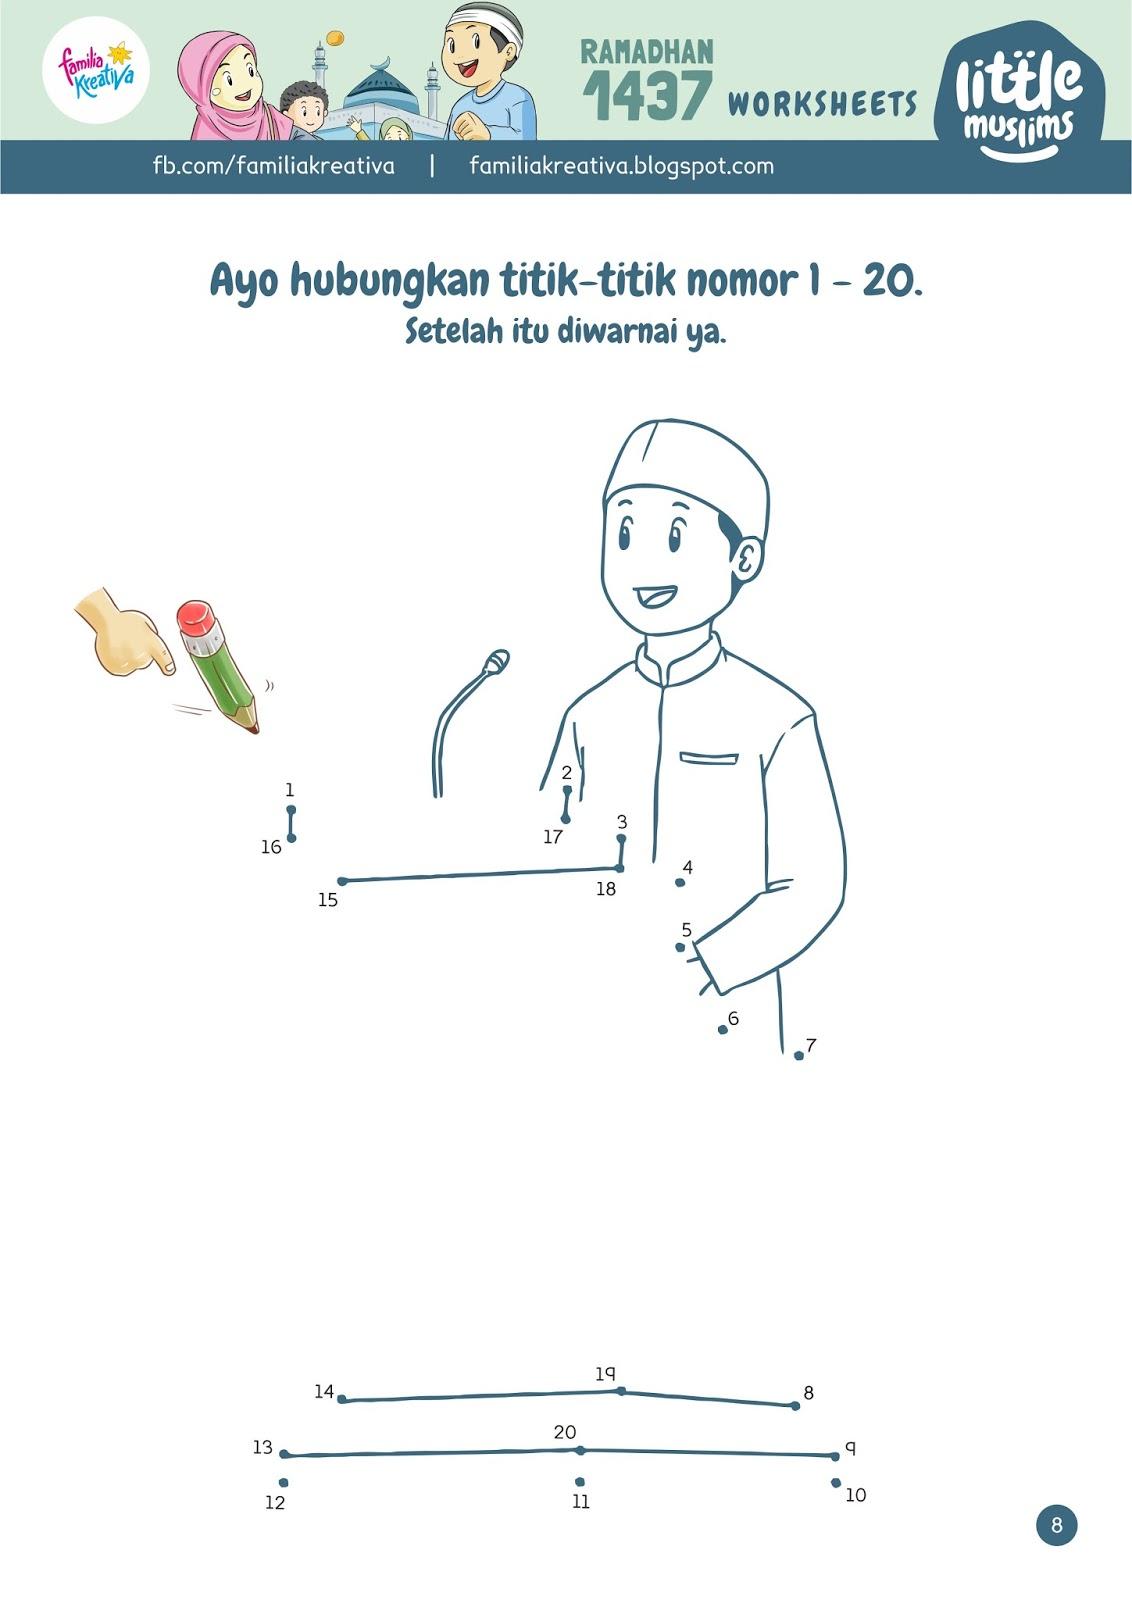 Satu Lagi Download Gratis Worksheets Ramadhan Kece Seri